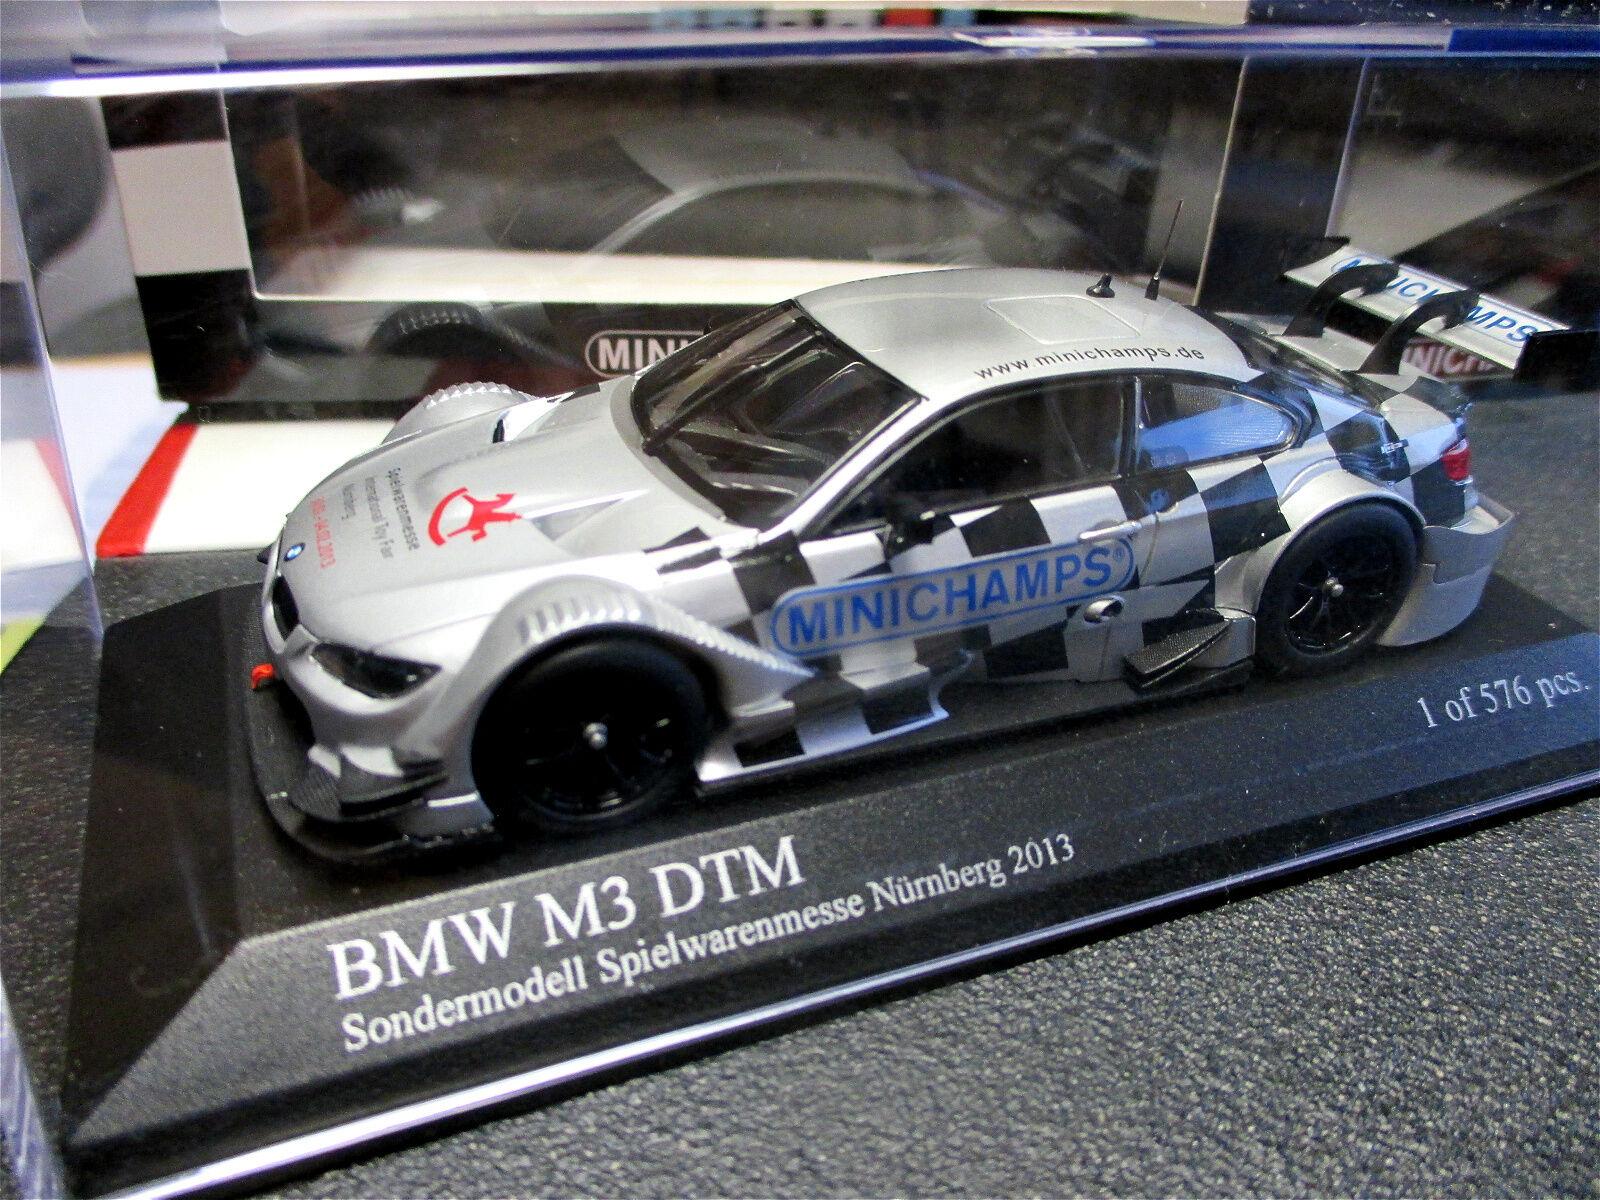 1 43 BMW m3 DTM jouets-Foire-modèle Nuremberg 2013 Minichamps MINT + rar